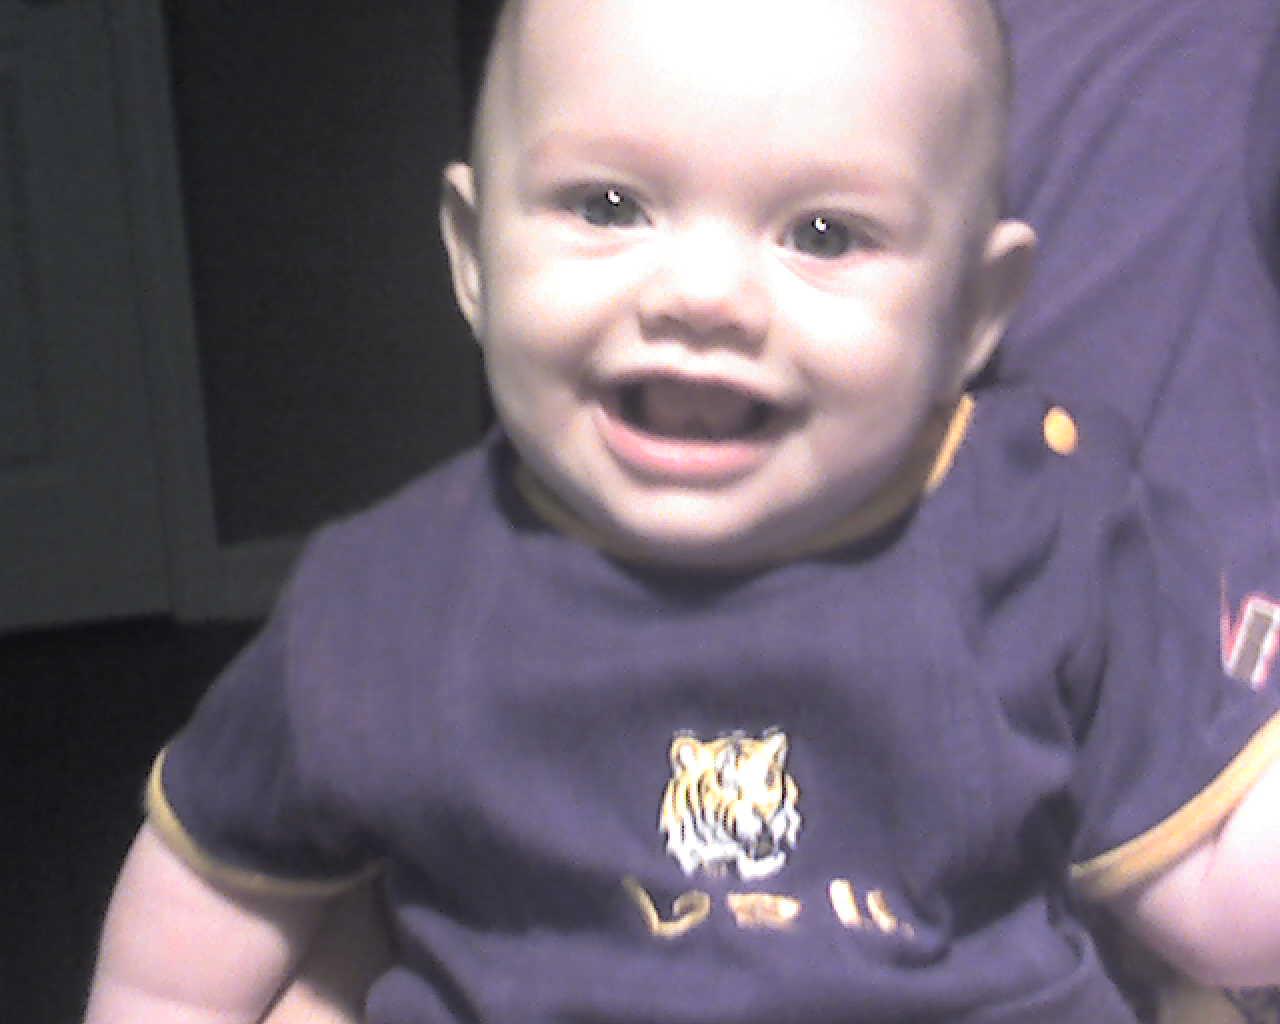 Our newest LSU fan